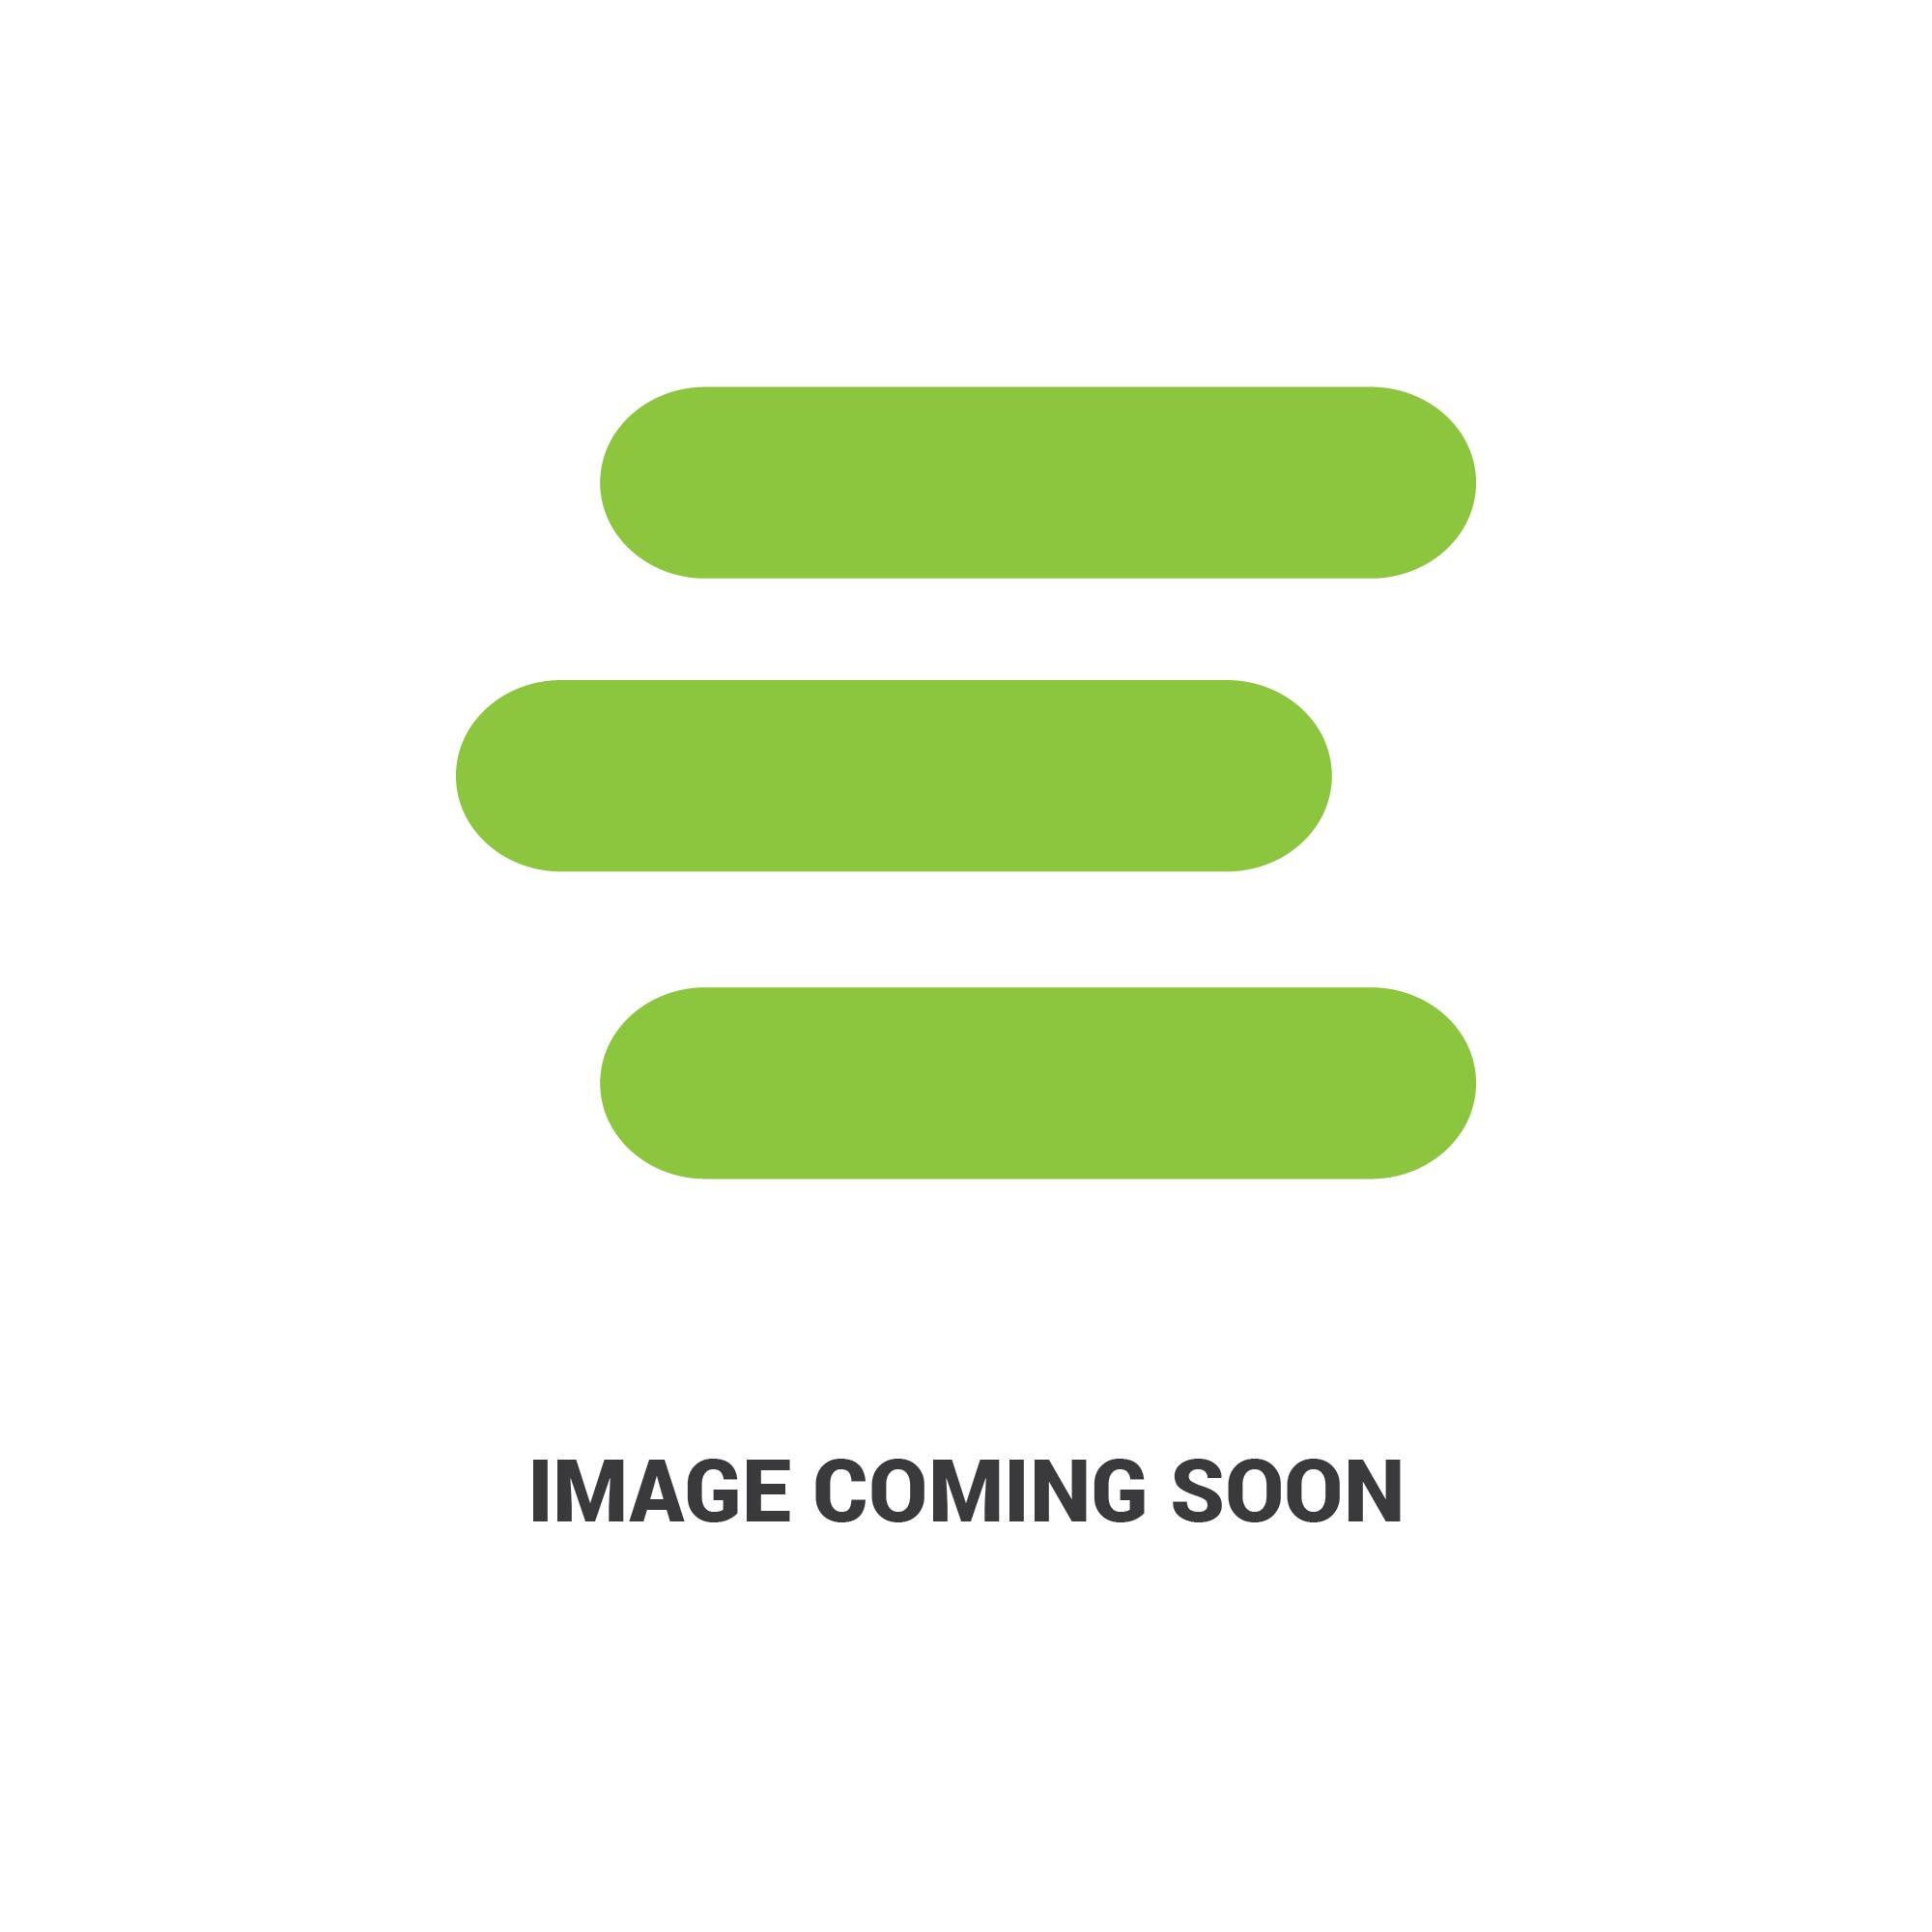 E-6A320-58860edit 266.jpg